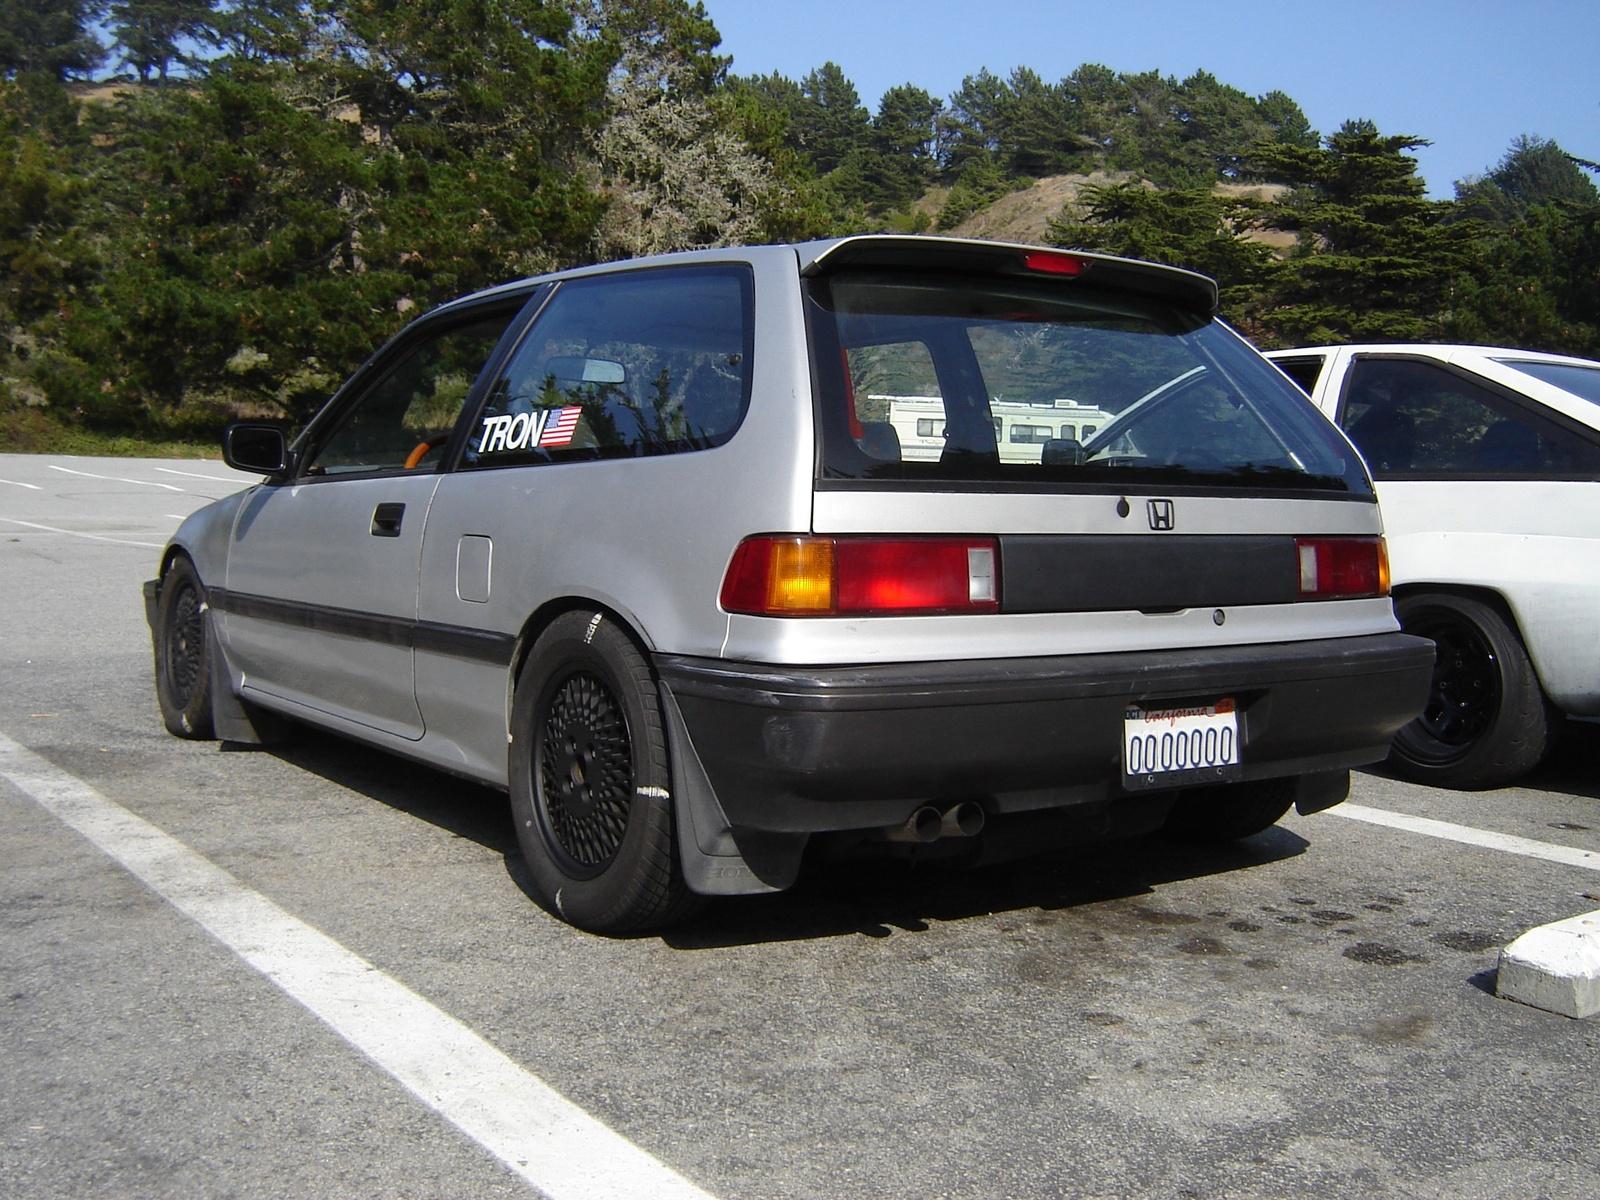 1989 Honda Civic Exterior Pictures Cargurus